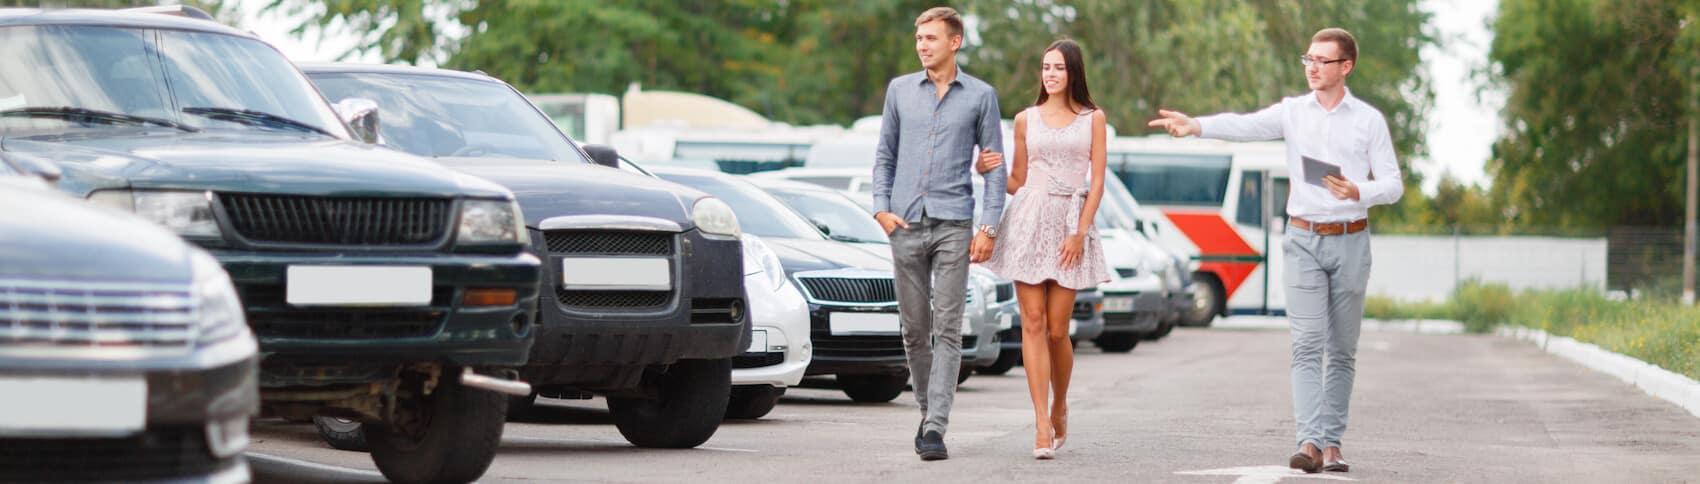 Used car dealership near Doral, FL